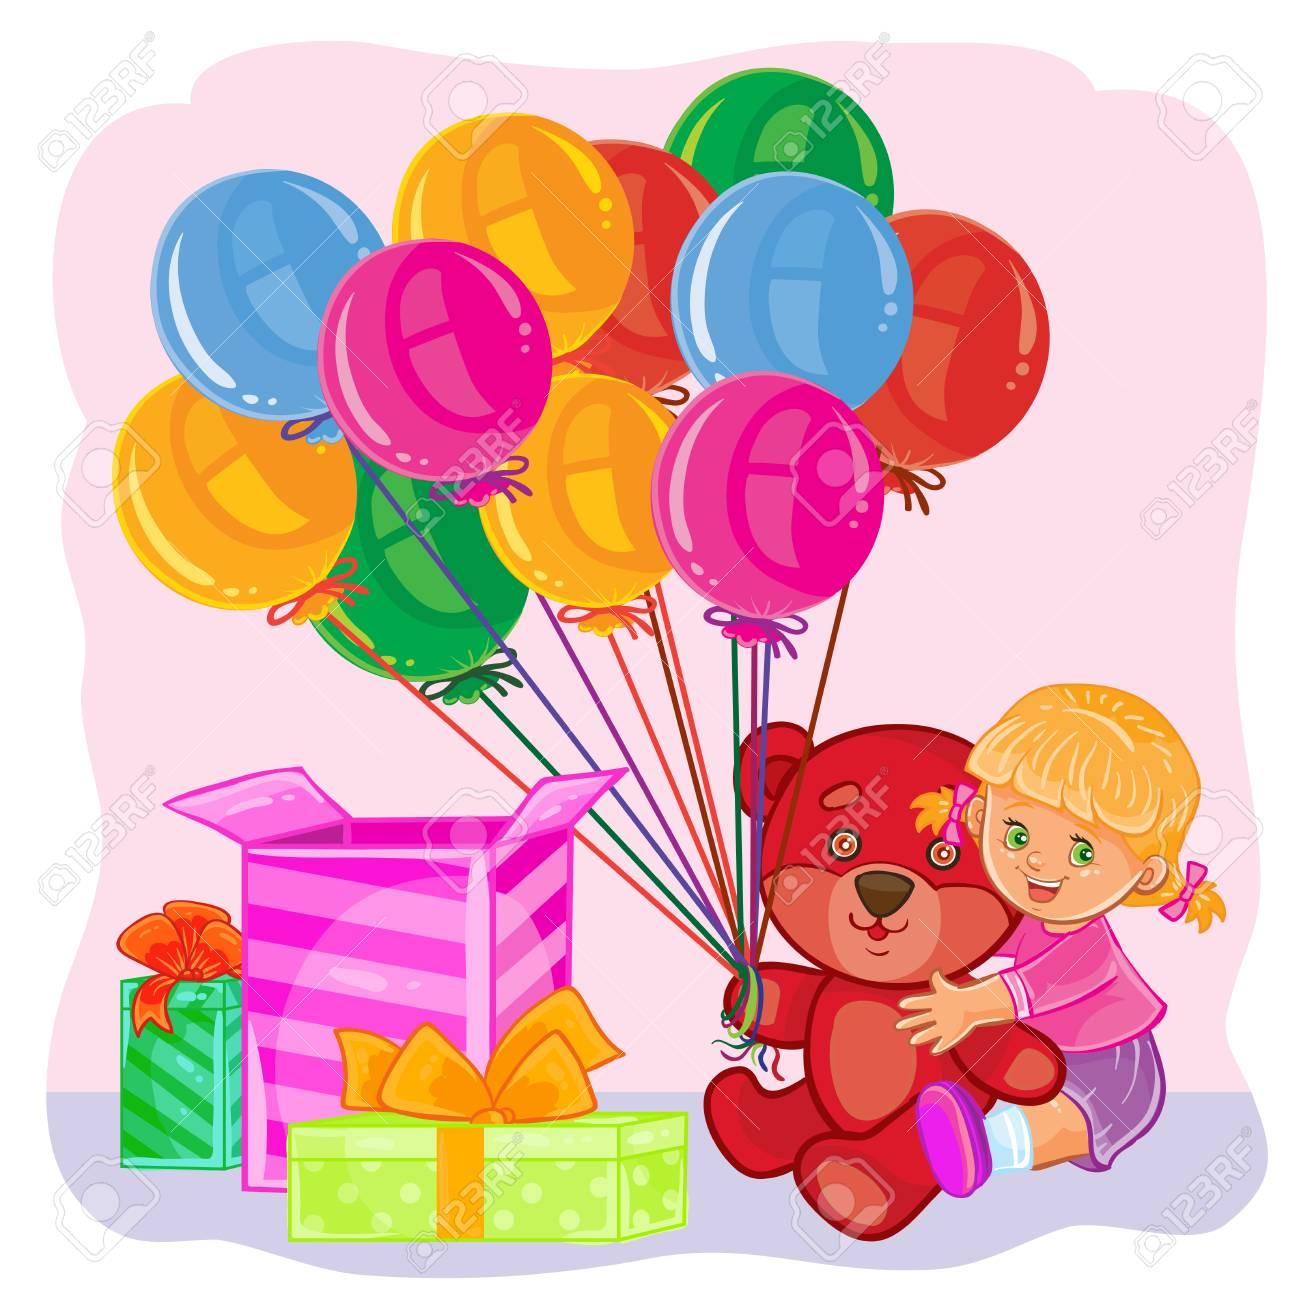 Illustration D Une Petite Fille Ouvre Des Cadeaux Modele De Carte De Voeux Joyeux Anniversaire Banque D Images Et Photos Libres De Droits Image 73956425